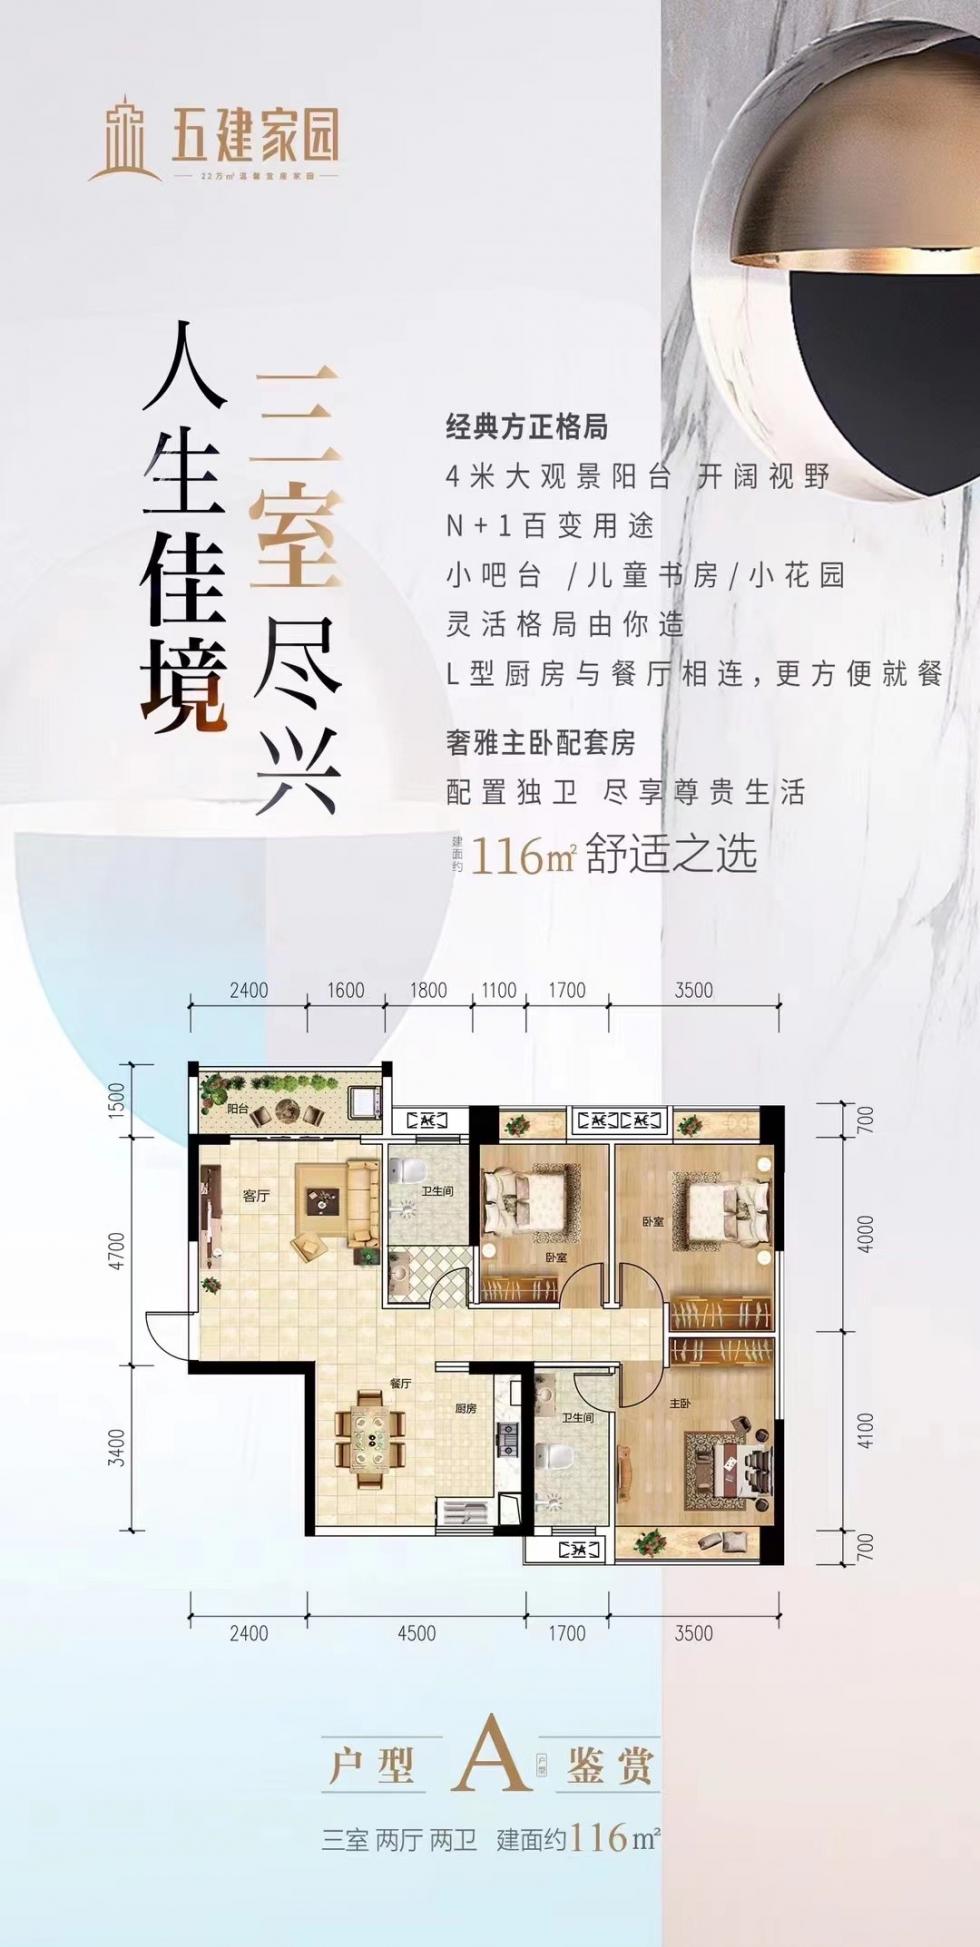 五建家园.jpg